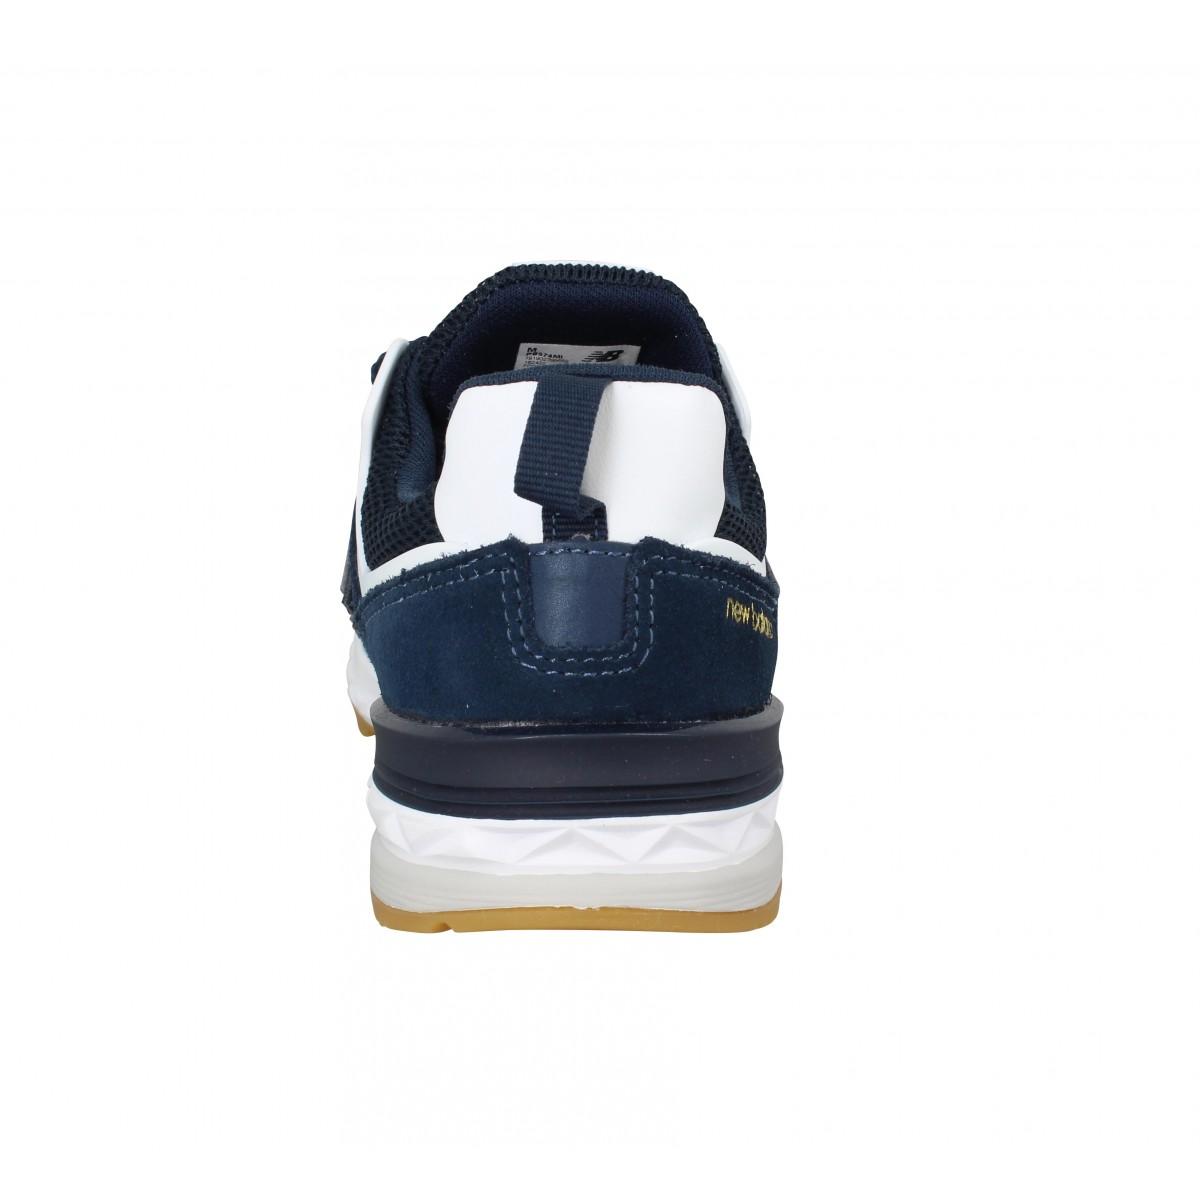 new balance 574 sport bleu marine